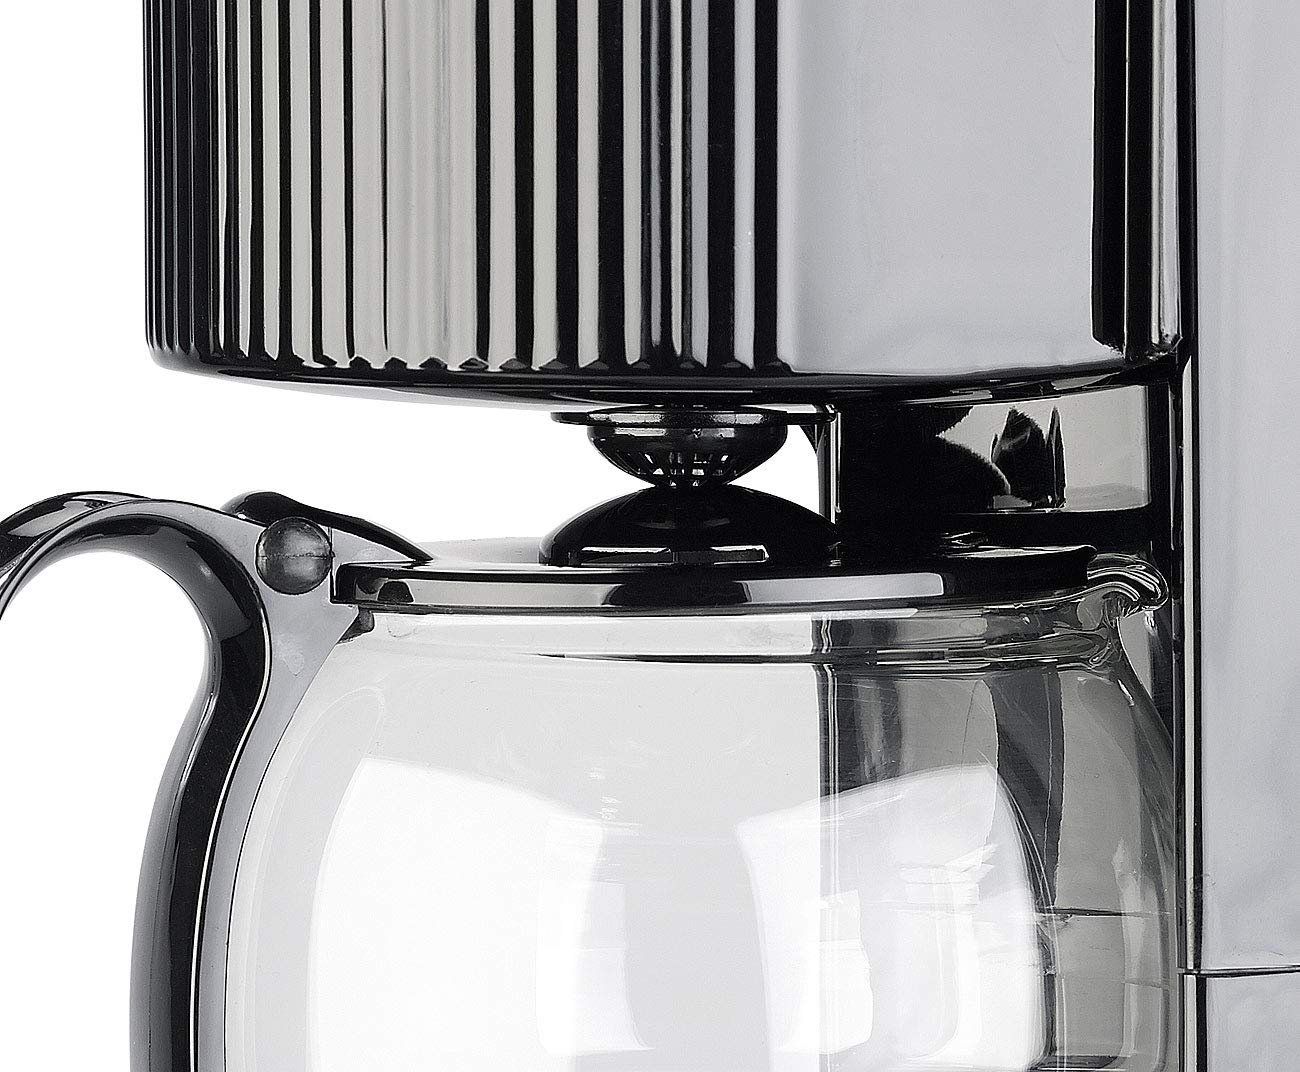 Rosenstein-Shne-Reise-Kaffeemaschine-Kfz-Filterkaffee-Maschine-bis-zu-3-Tassen-650-ml-24-Volt-300-Watt-Auto-Wasserkocher-Kaffeemaschine